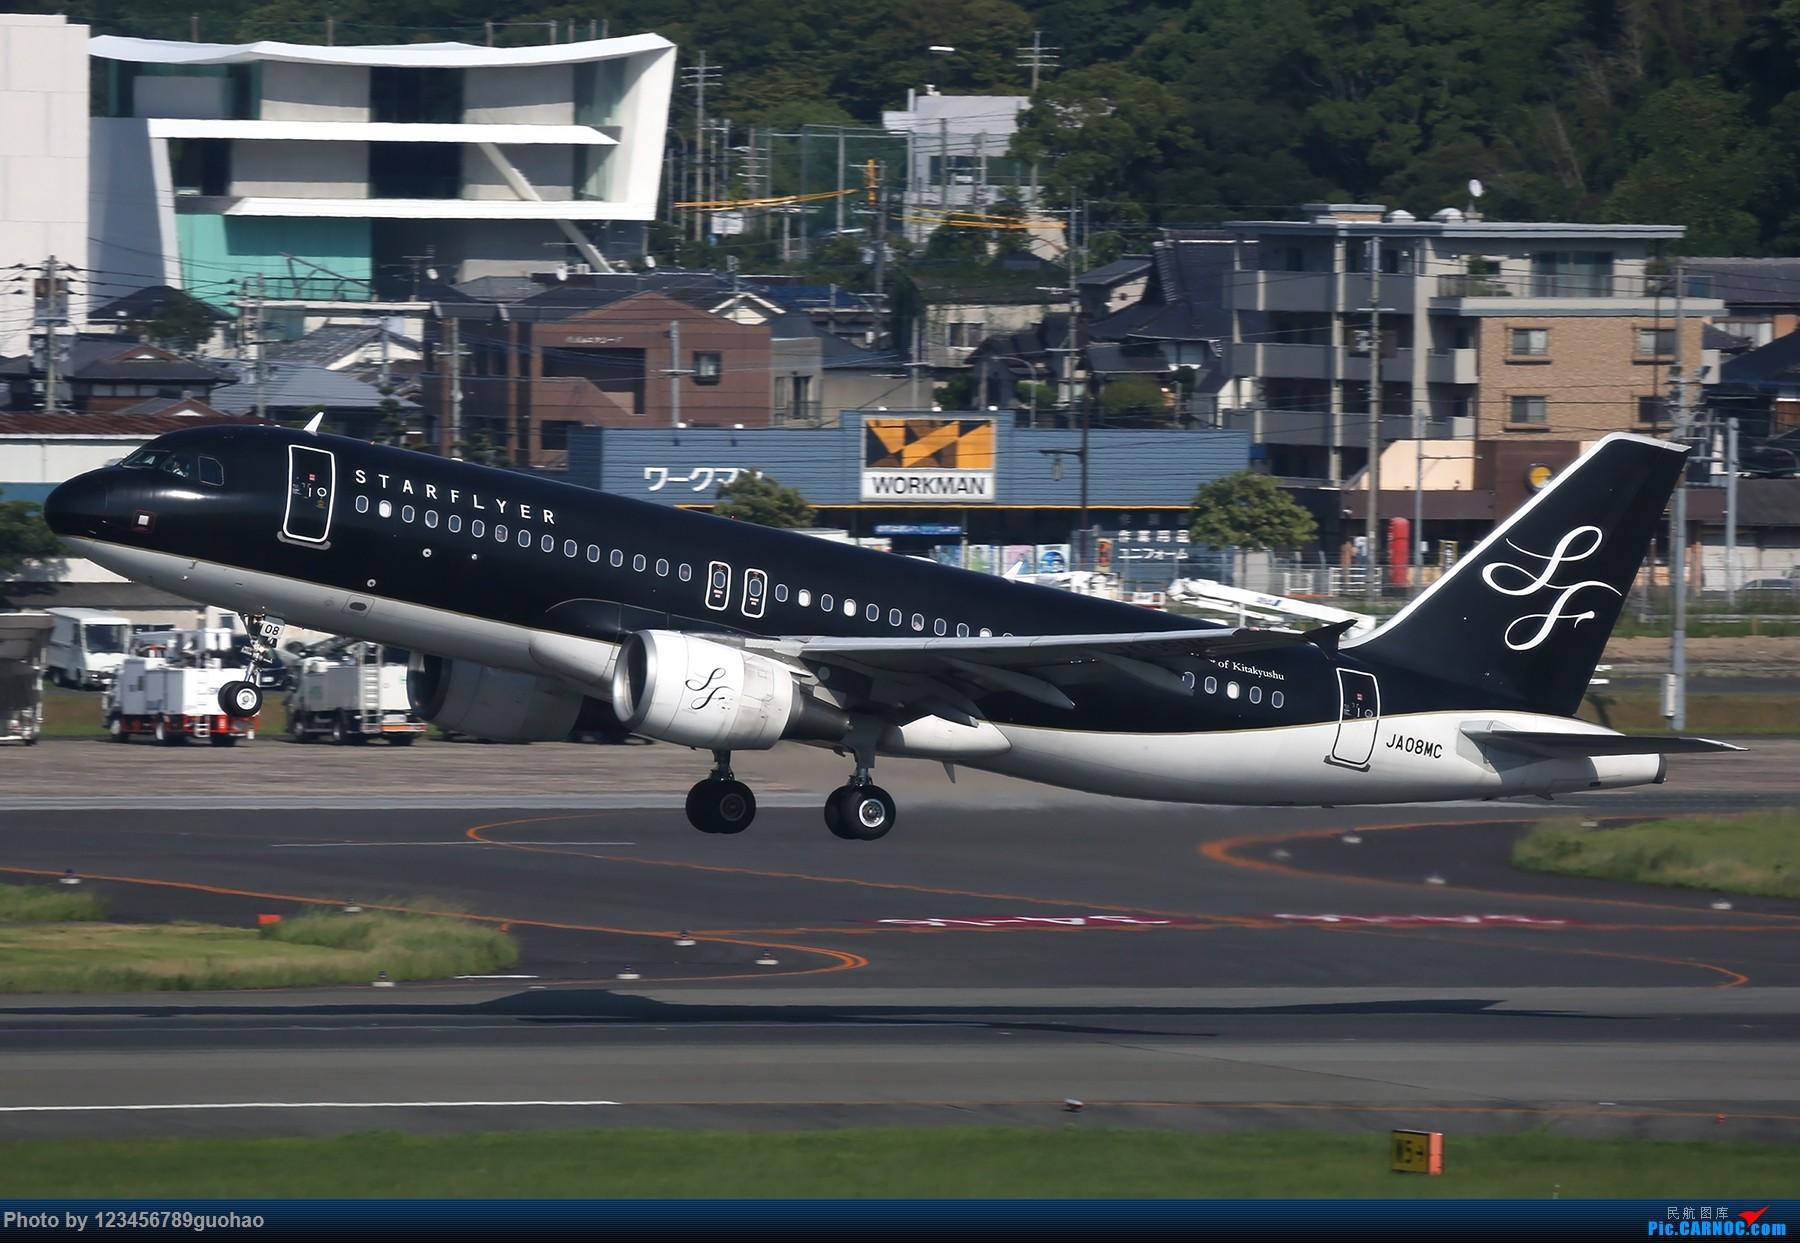 [原创]星悦 AIRBUS A320 JA08MC 日本福冈机场